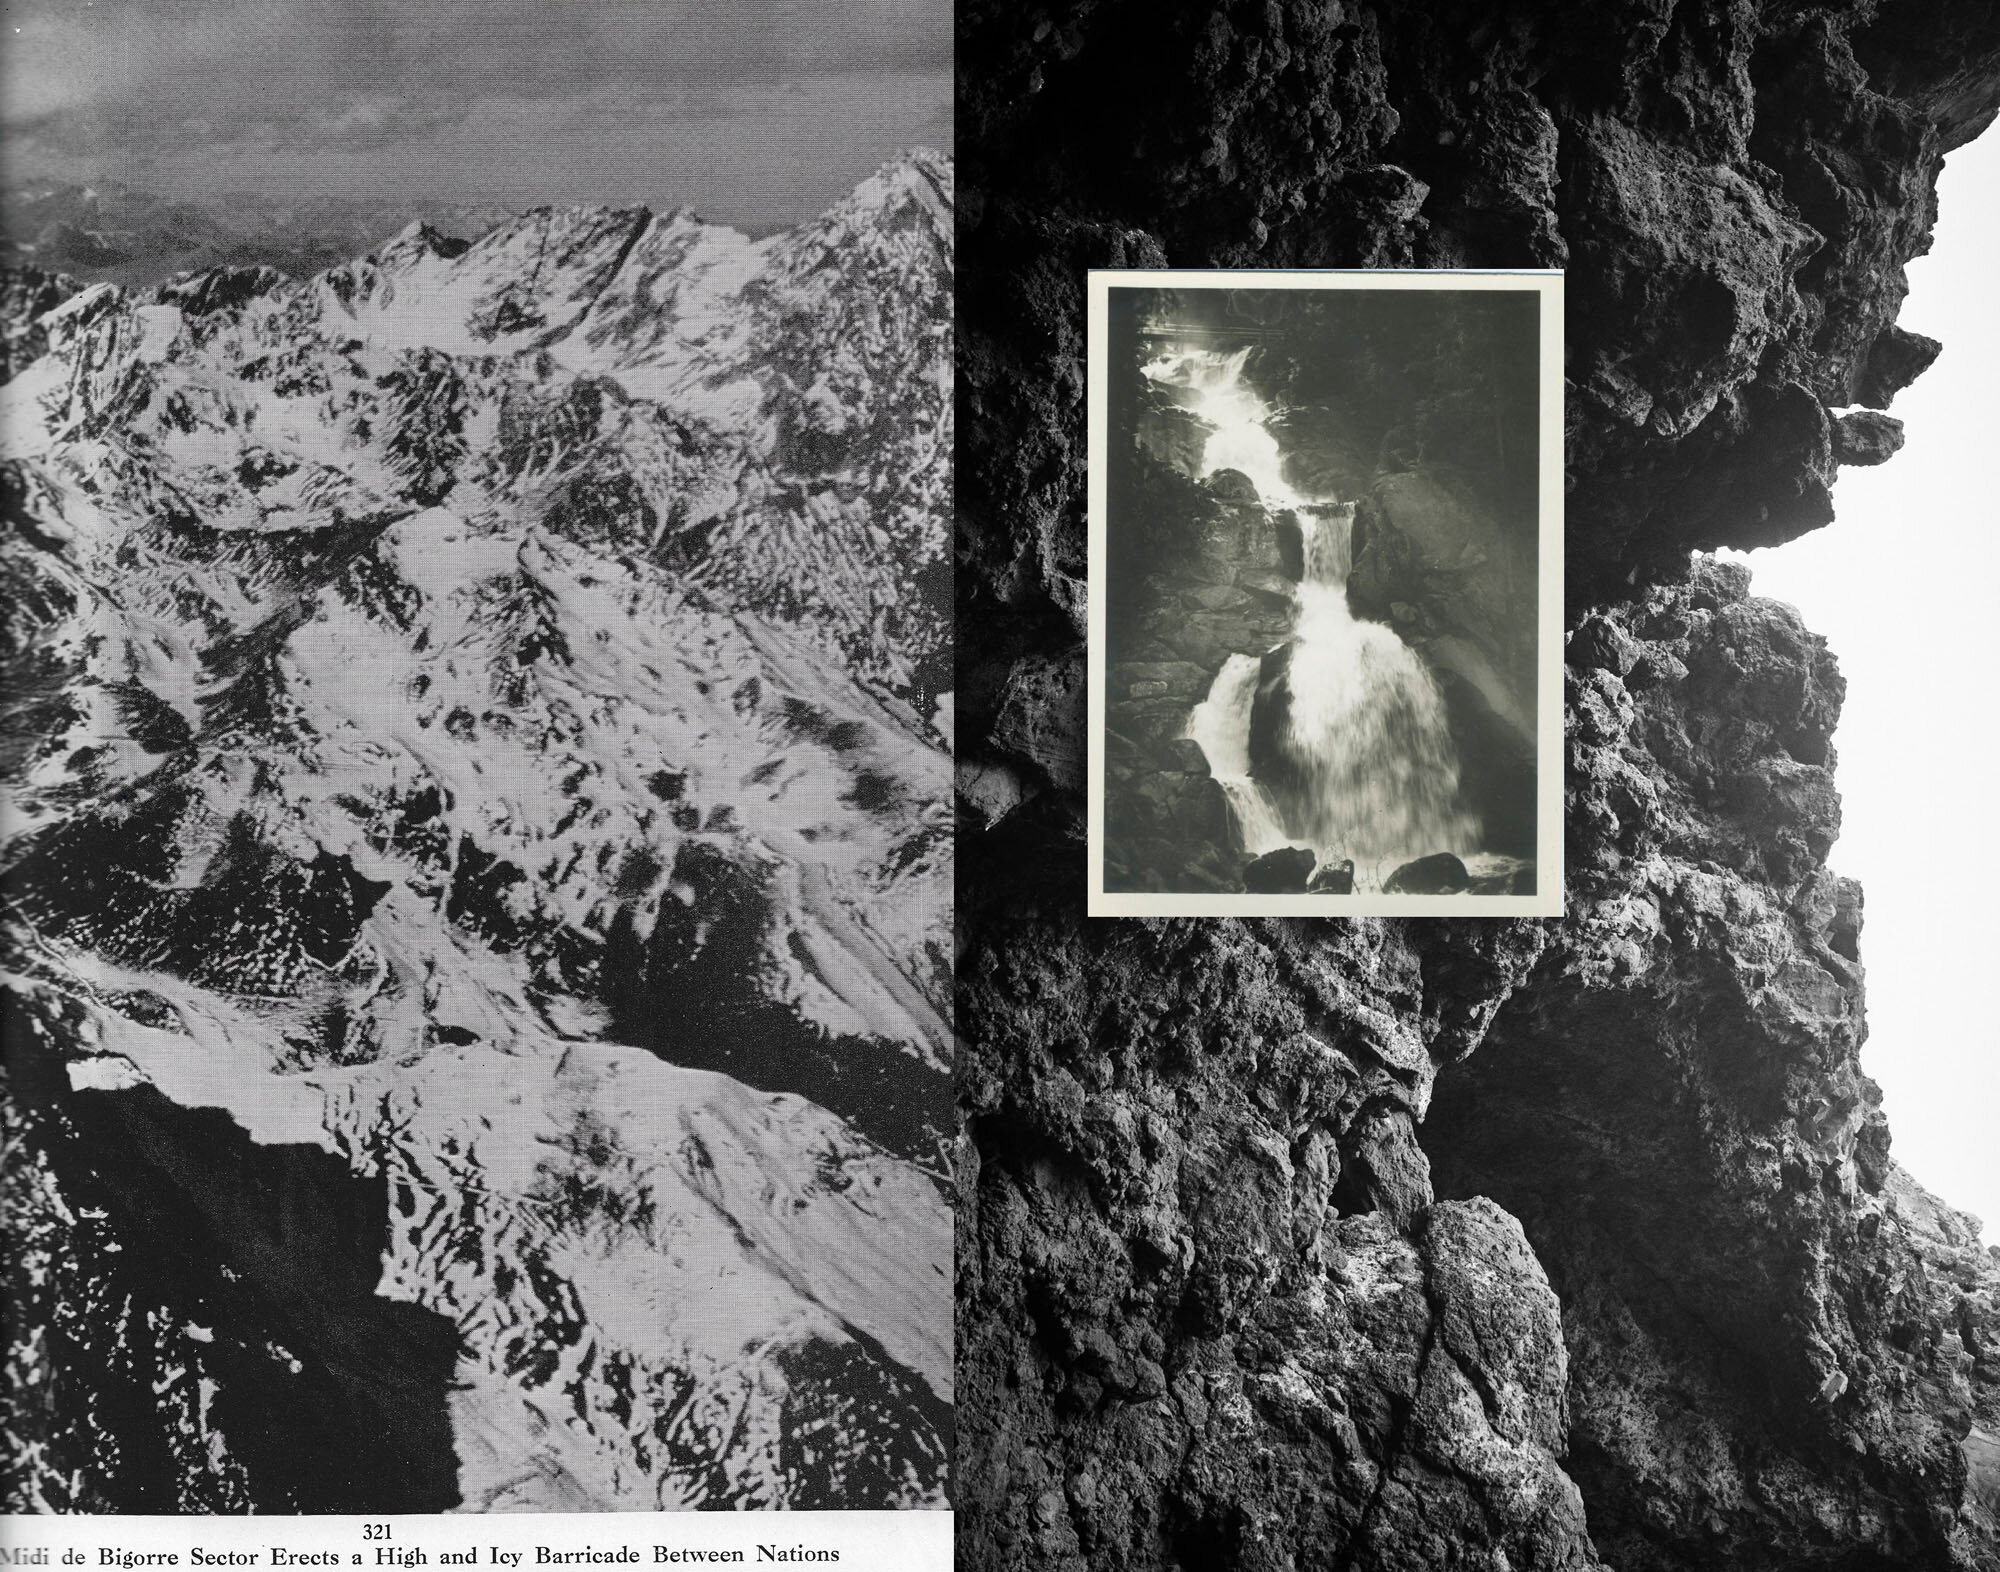 190424 NoA Pyrenees.jpg